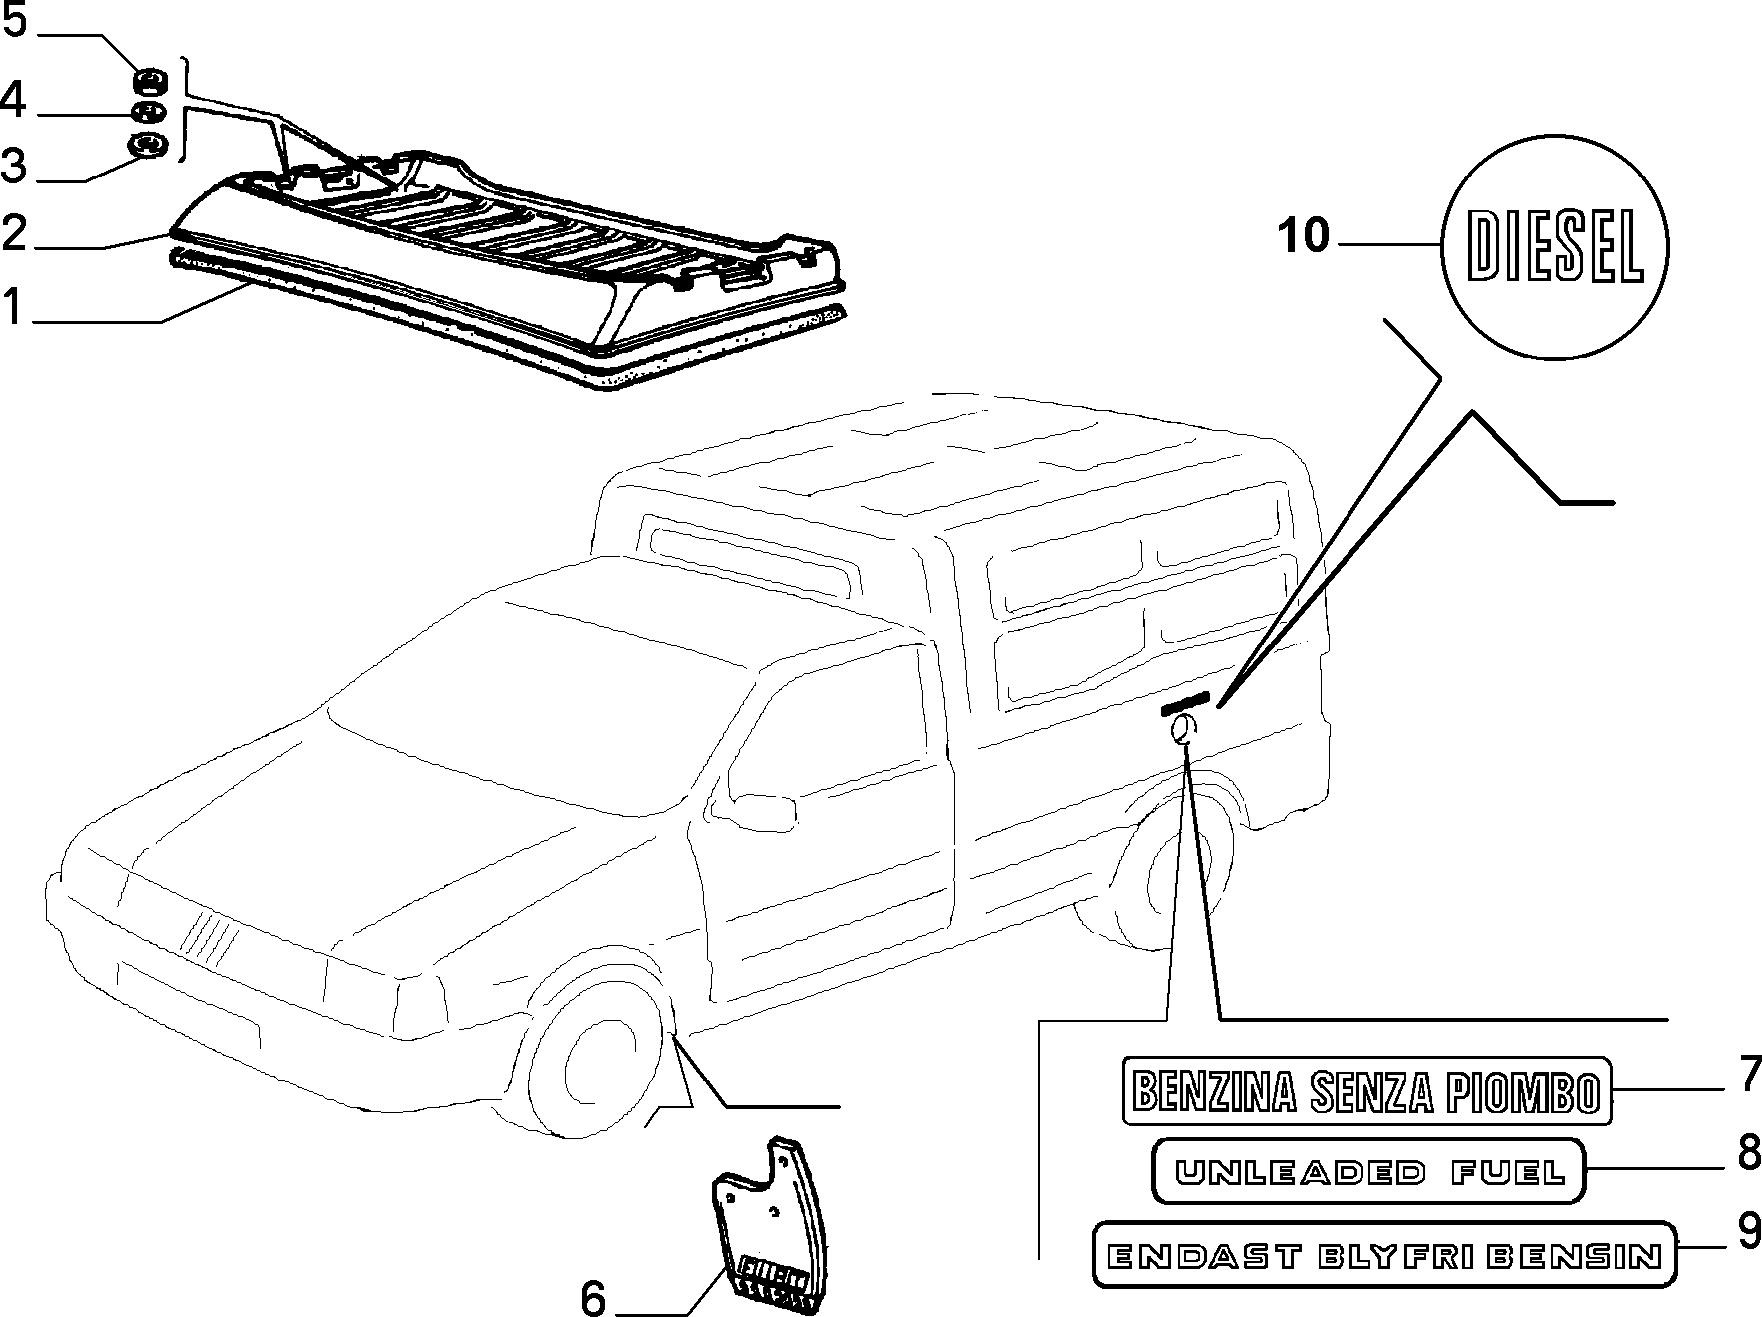 70732/00 НАРУЖНОЕ ОСНАЩЕНИЕ